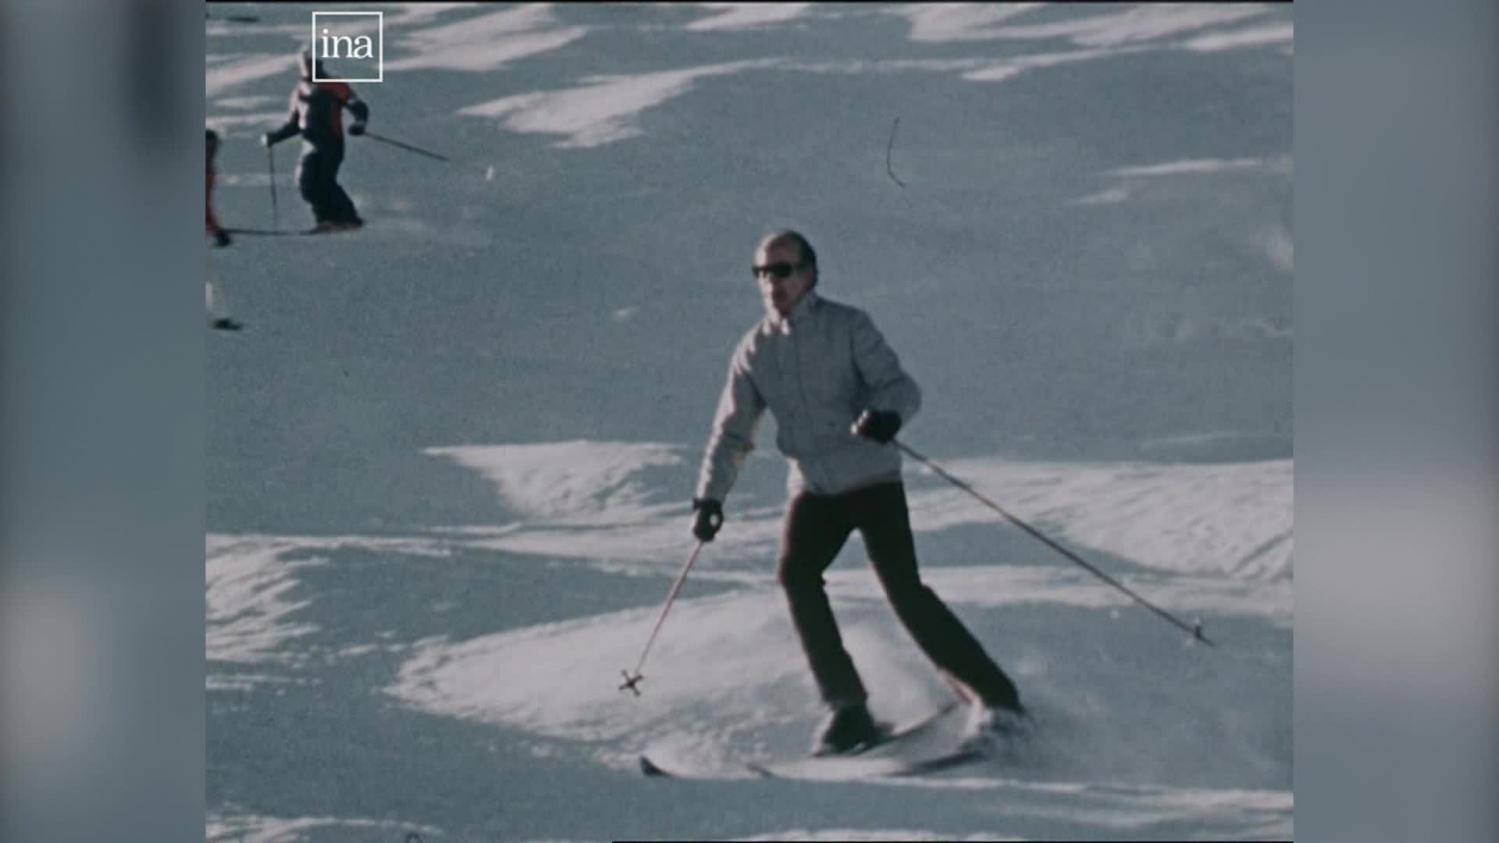 Quand Valéry Giscard d'Estaing invitait les journalistes à Courchevel pour ses vacances au ski